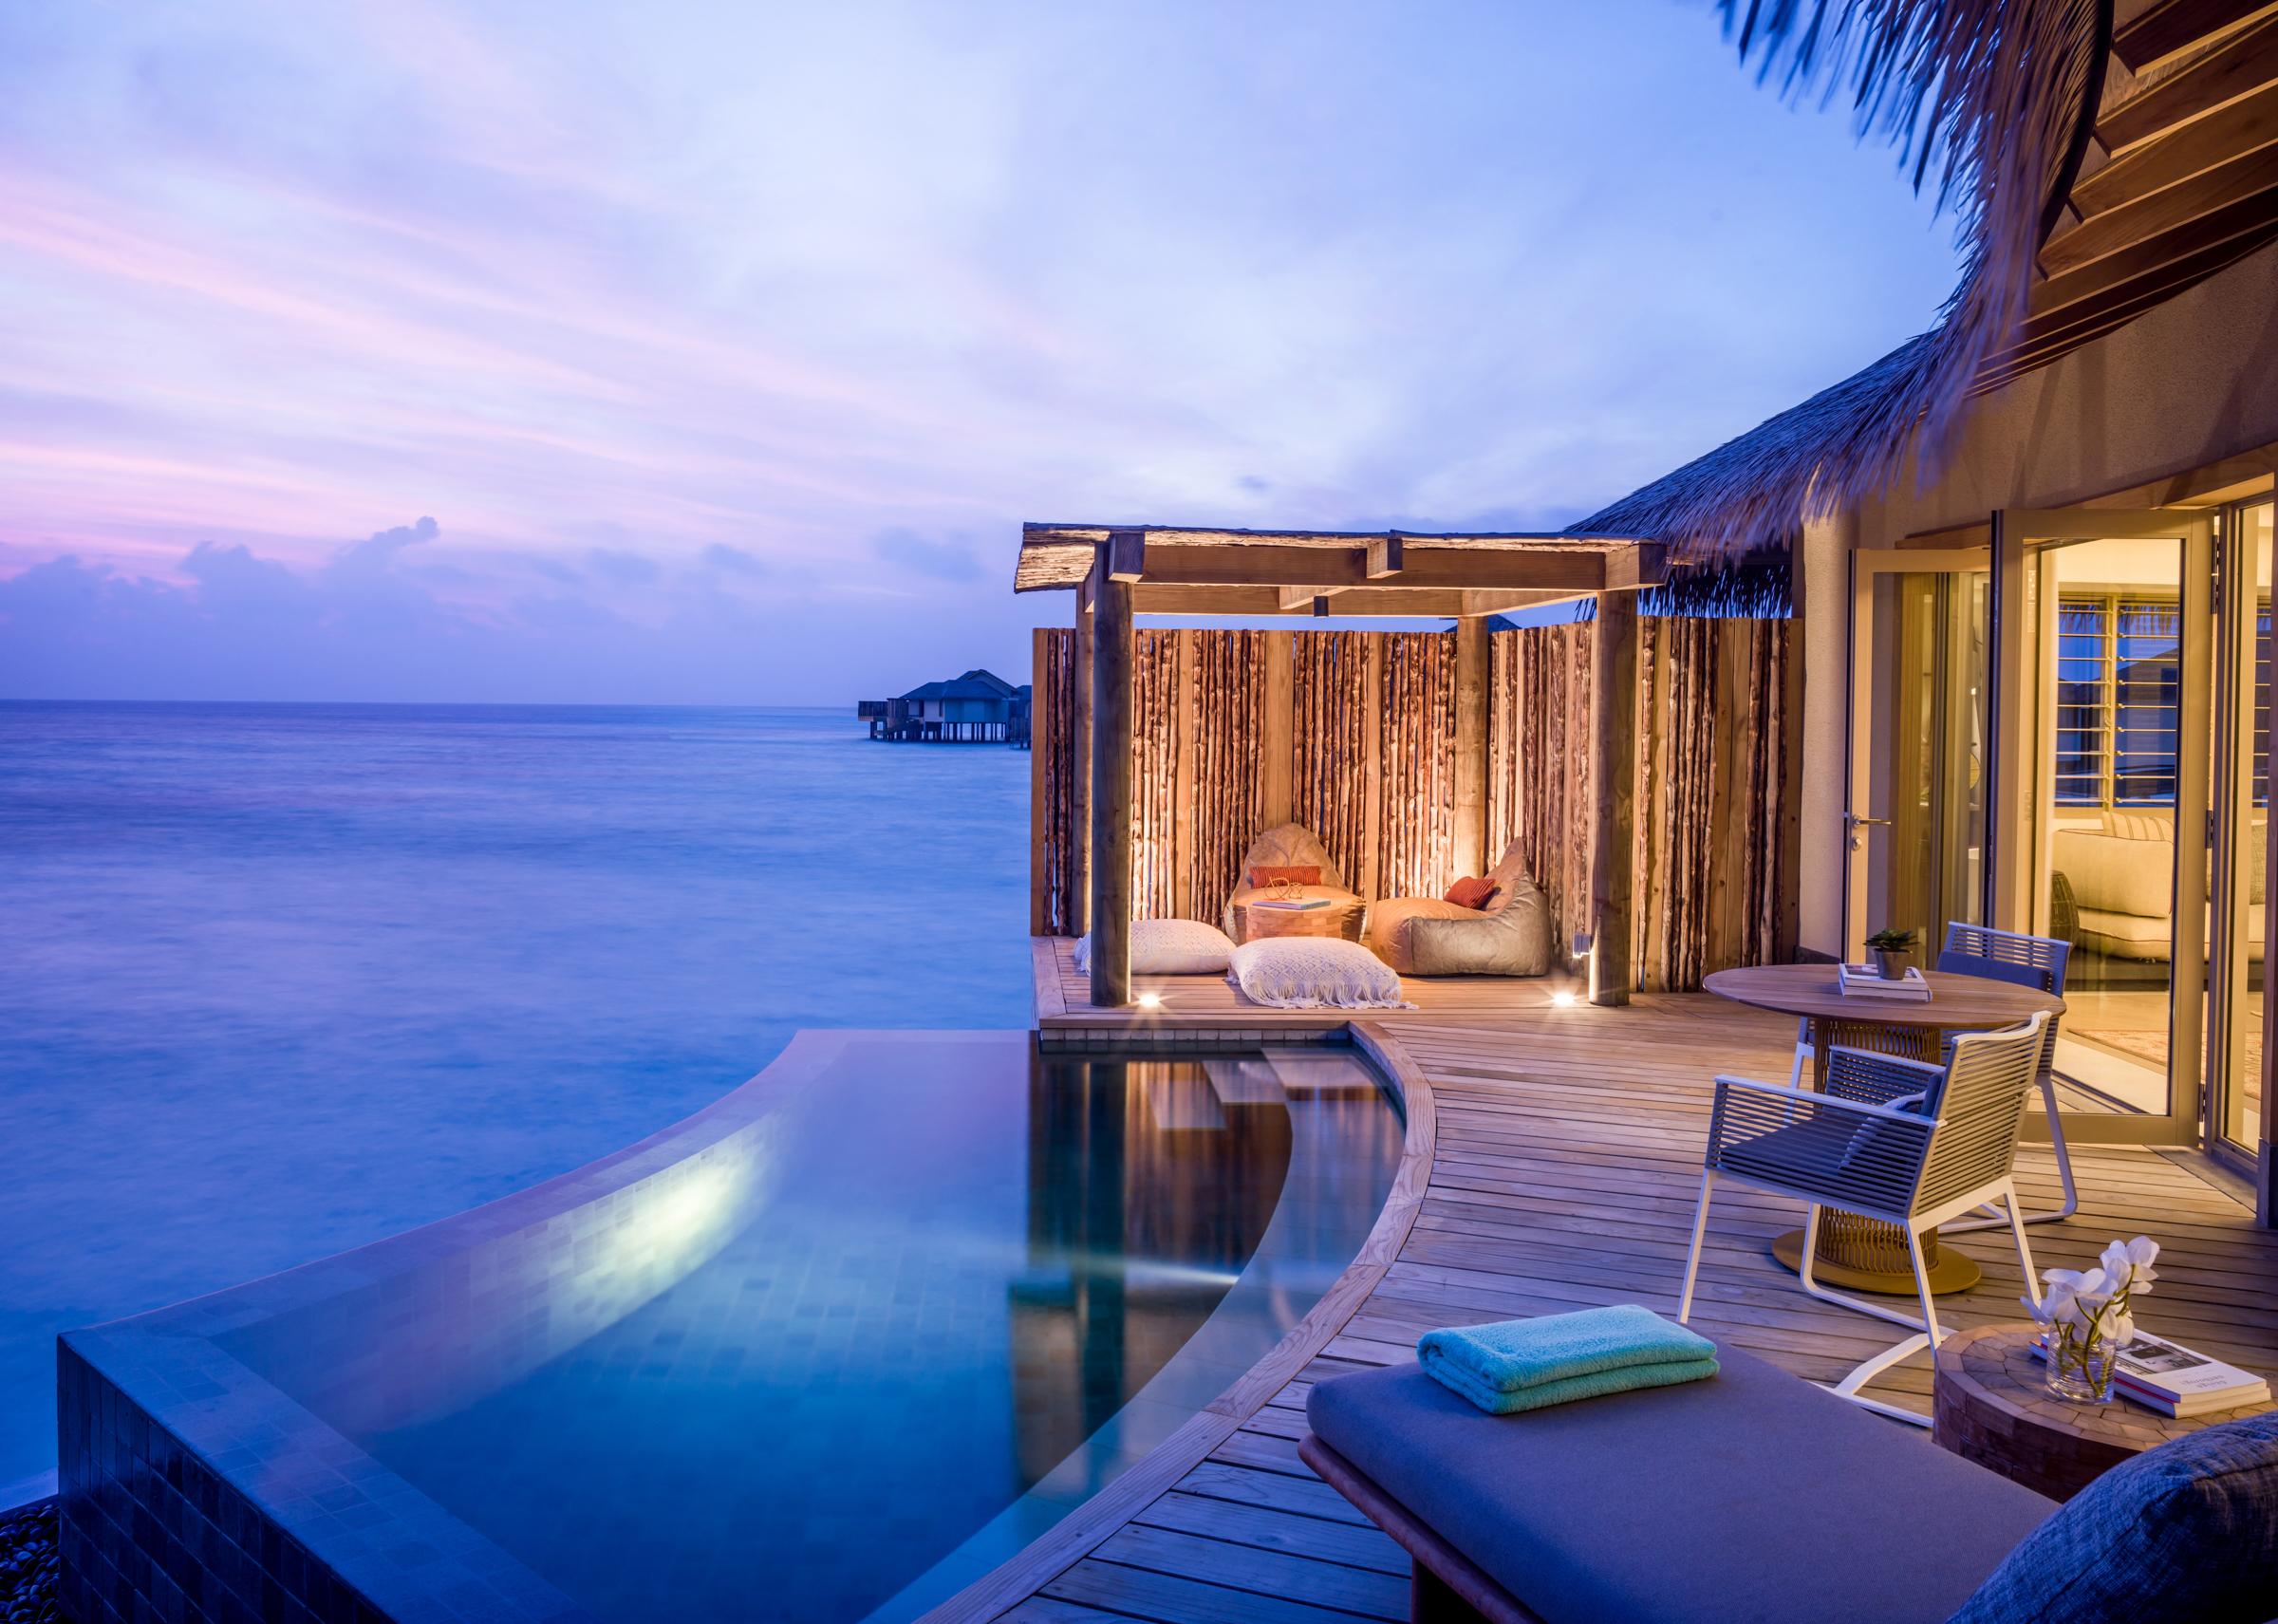 صور جزر المالديف 17